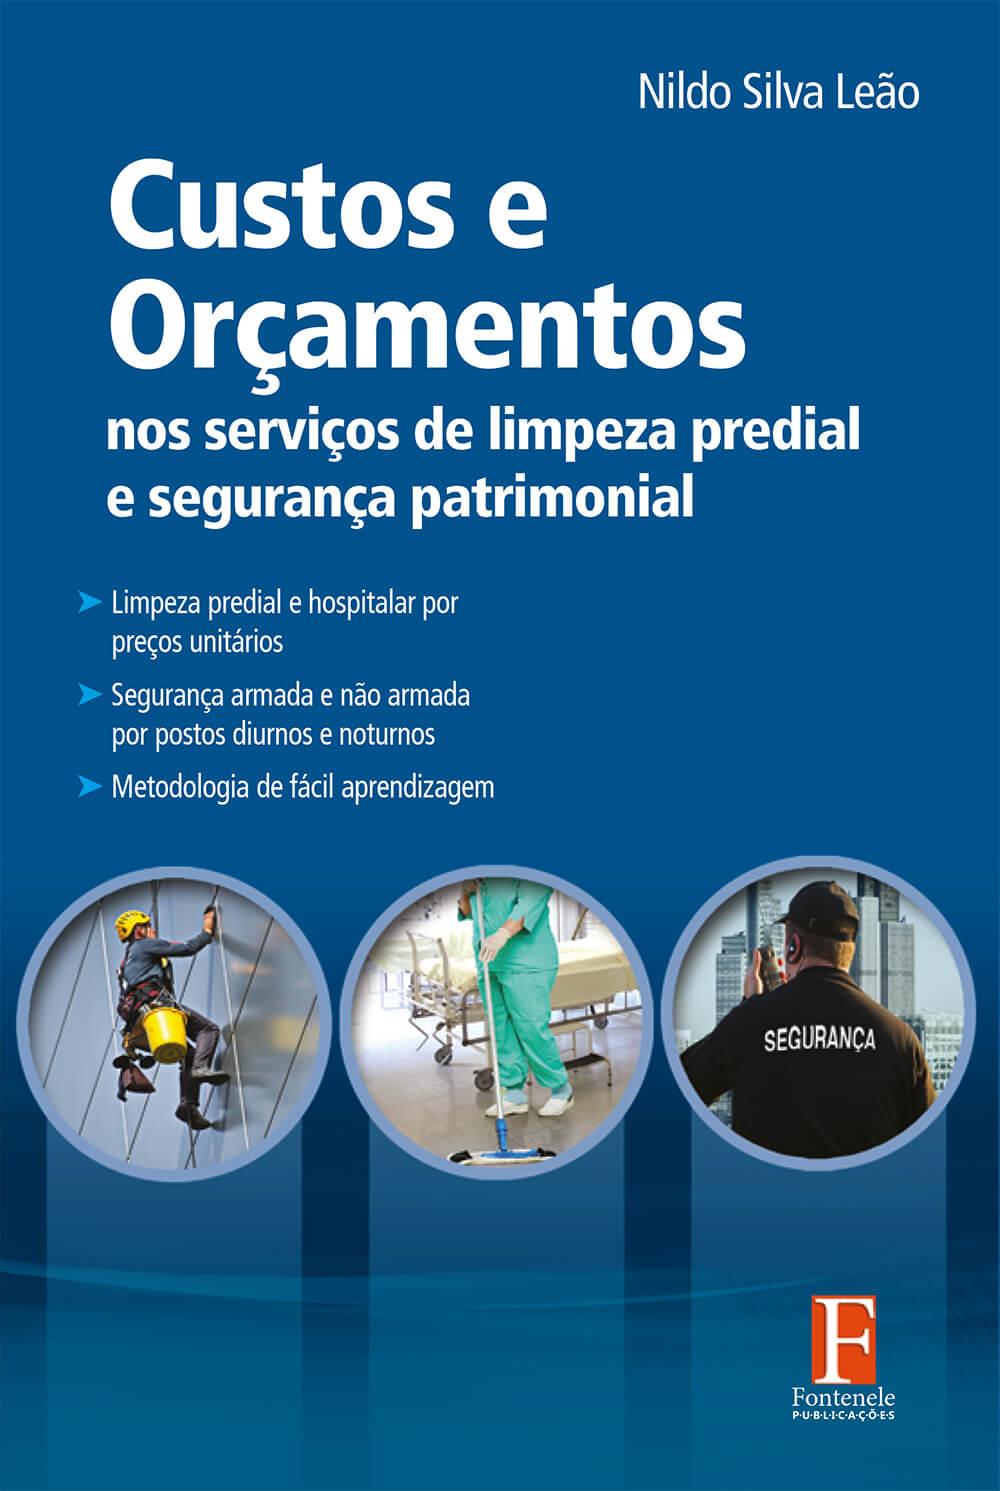 Fontenele Publicações / 11 95150-3481 / 11  95150-4383 Custos e orçamentos nos serviços de limpeza predial e segurança patrimonial